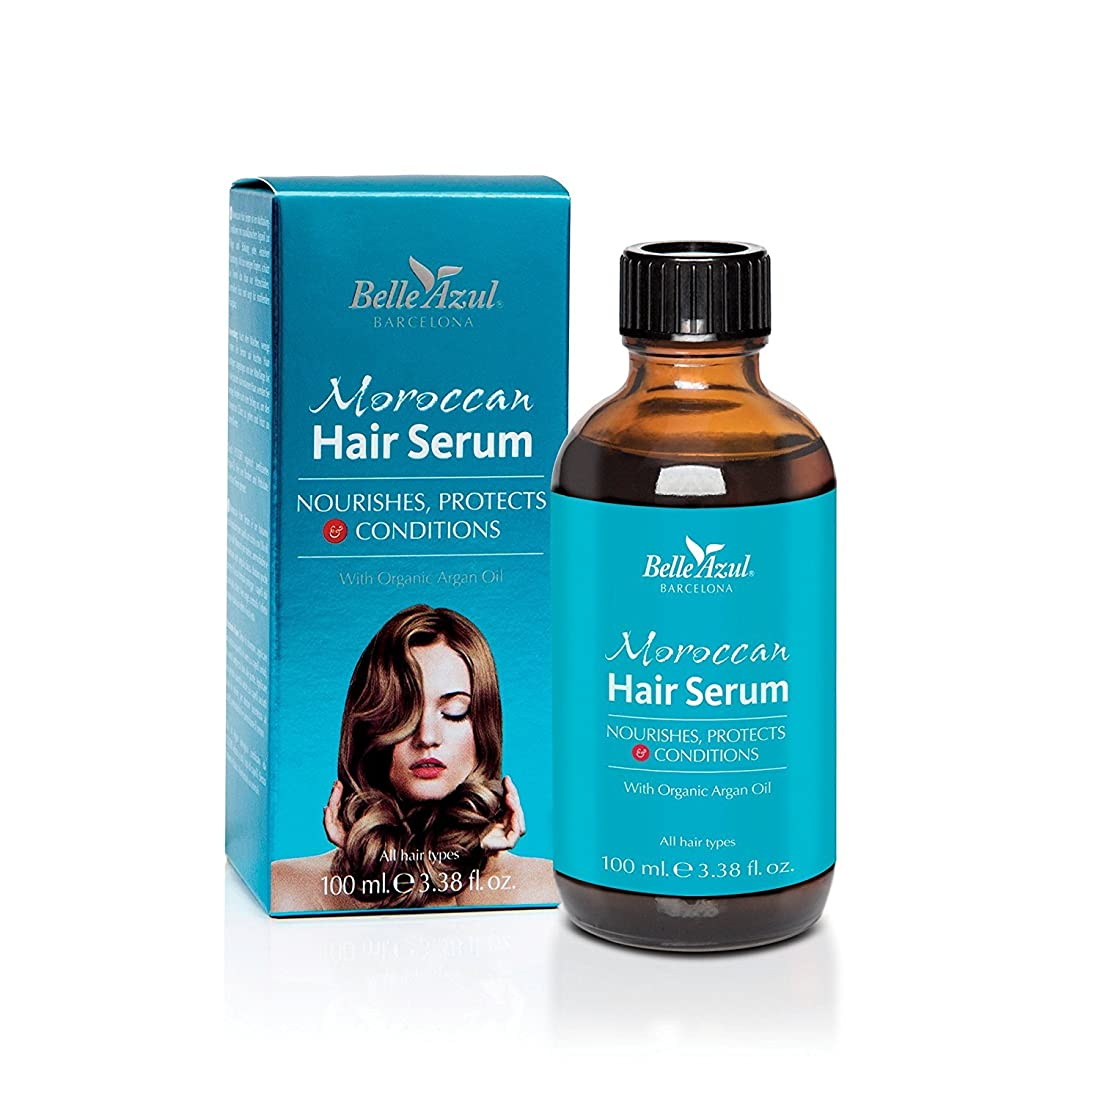 専門知識管理します暗いベルアスール (Belle Azul) モロッカン ヘア セラム 髪用 美容液 アルガンオイル 配合